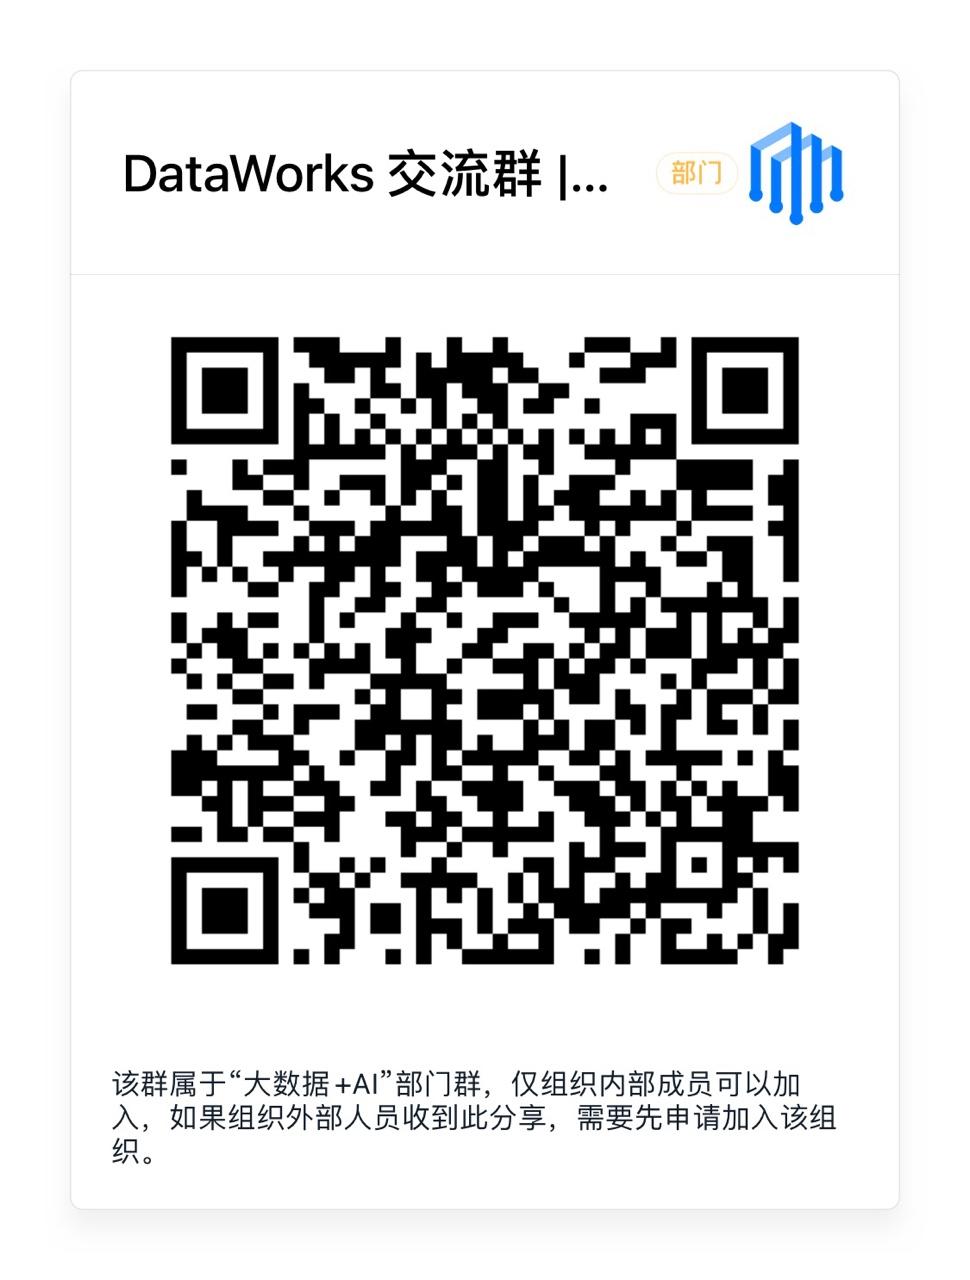 DataWorks部门主群二维码.JPG